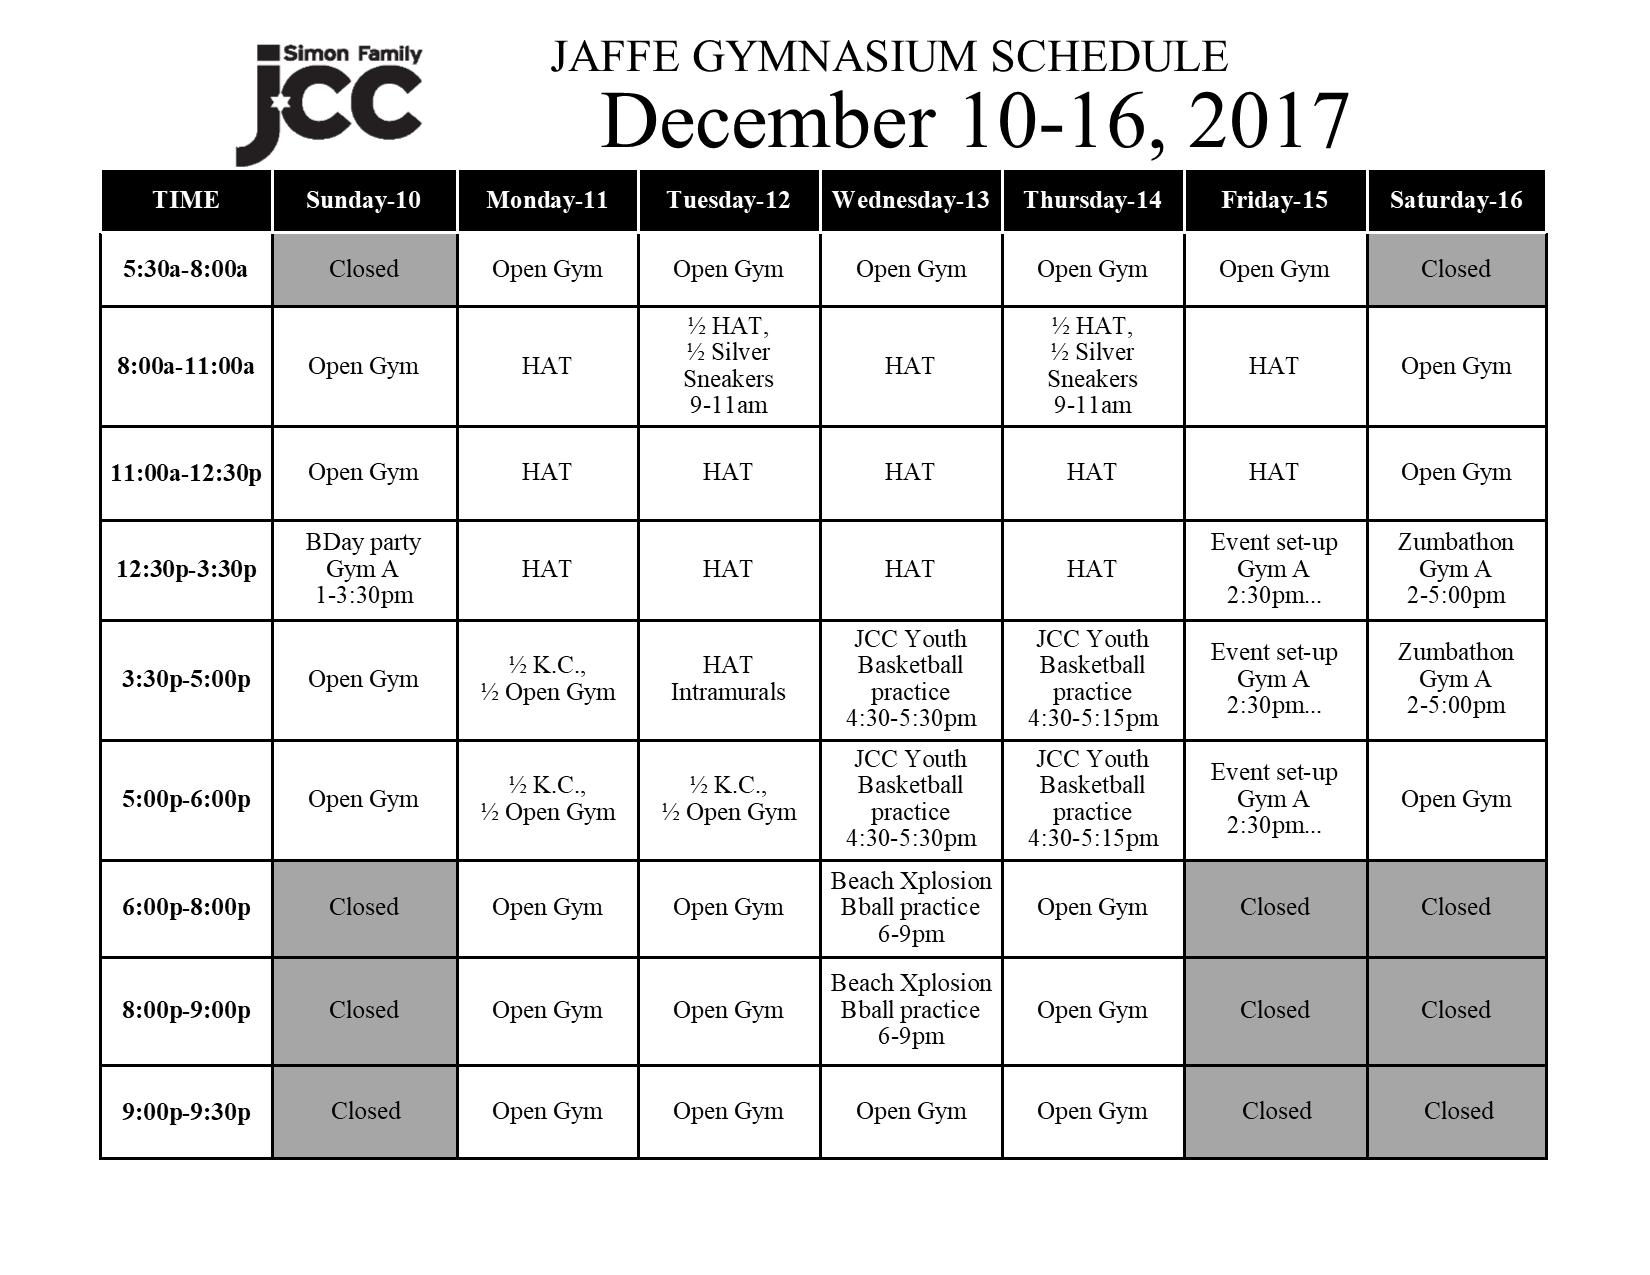 December 10-16 2017 Jaffe Gym Schedule